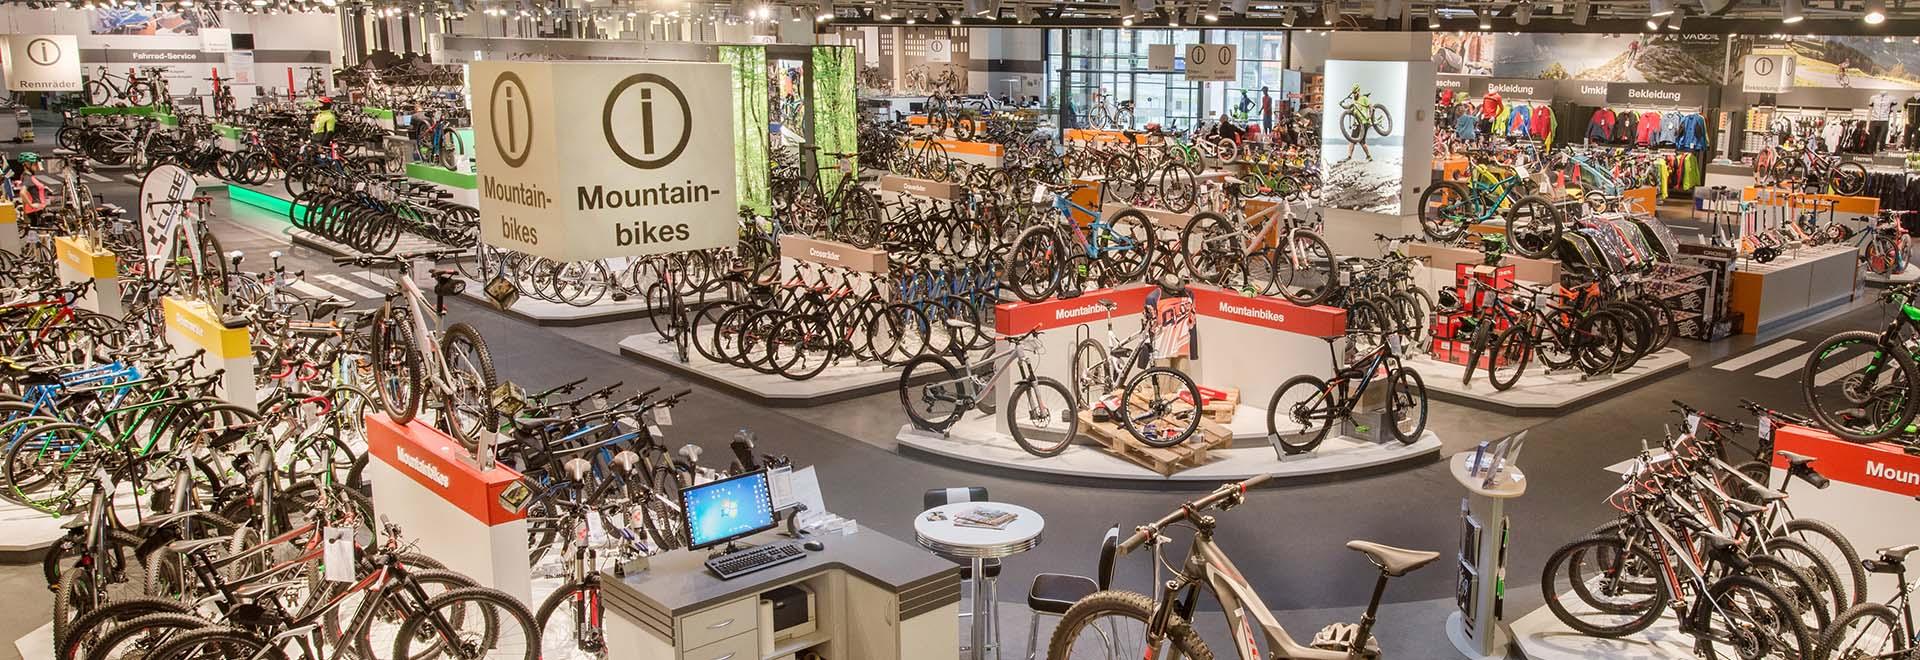 Bekleidungs Abteilung Fahrrad Denfeld Karriere